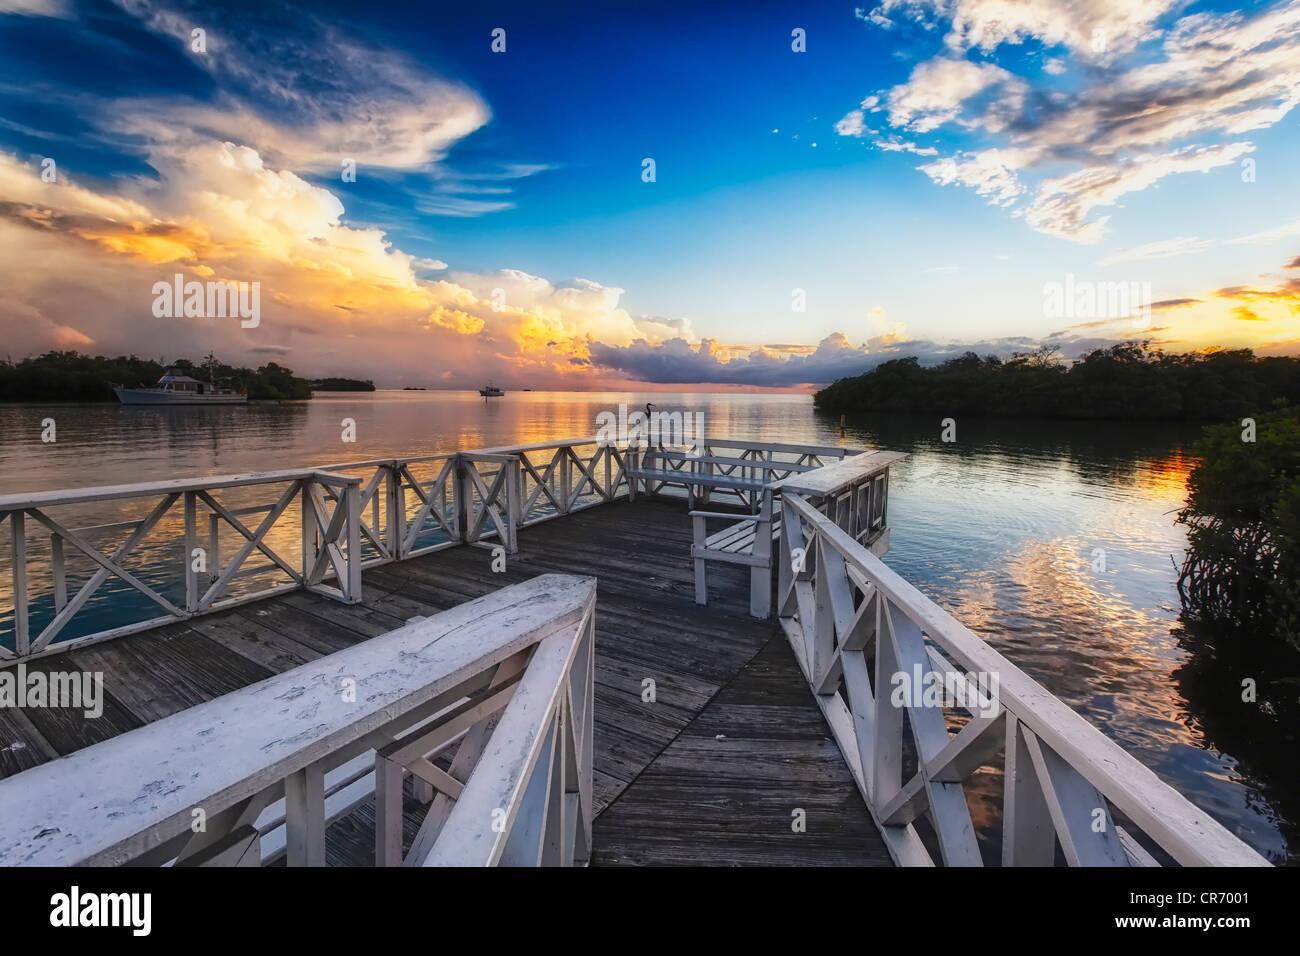 Muelle de madera con la puesta de Sol, La Parguera, Puerto Rico Imagen De Stock